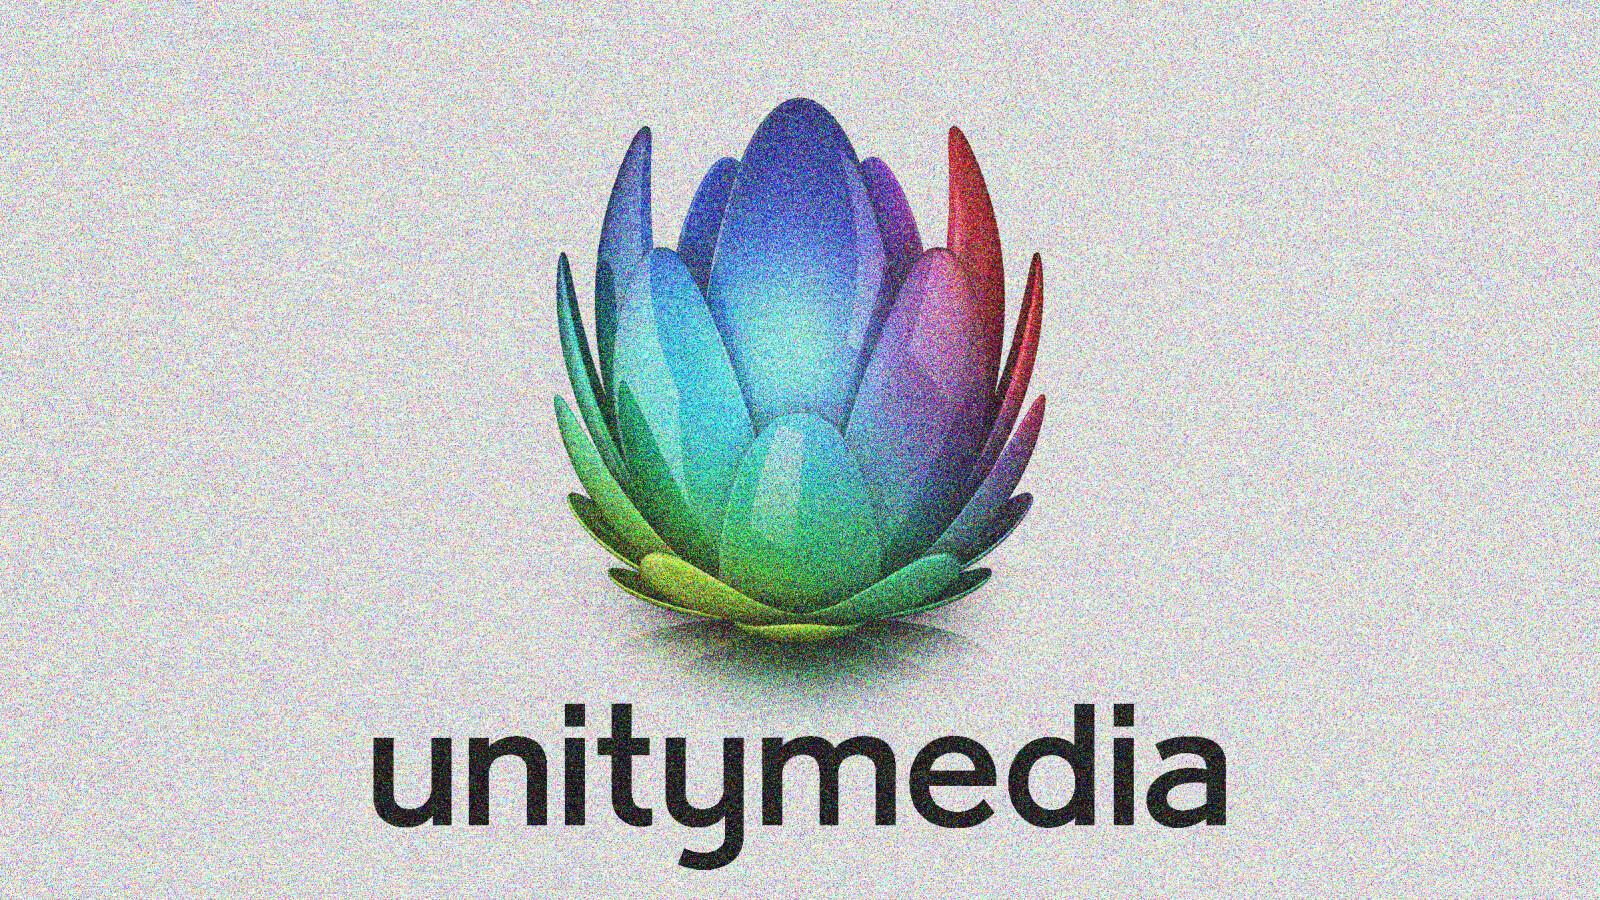 Unitymedia-Wartungsarbeiten im April: In diesen Regionen kommt es vorübergehend zu Einschränkungen